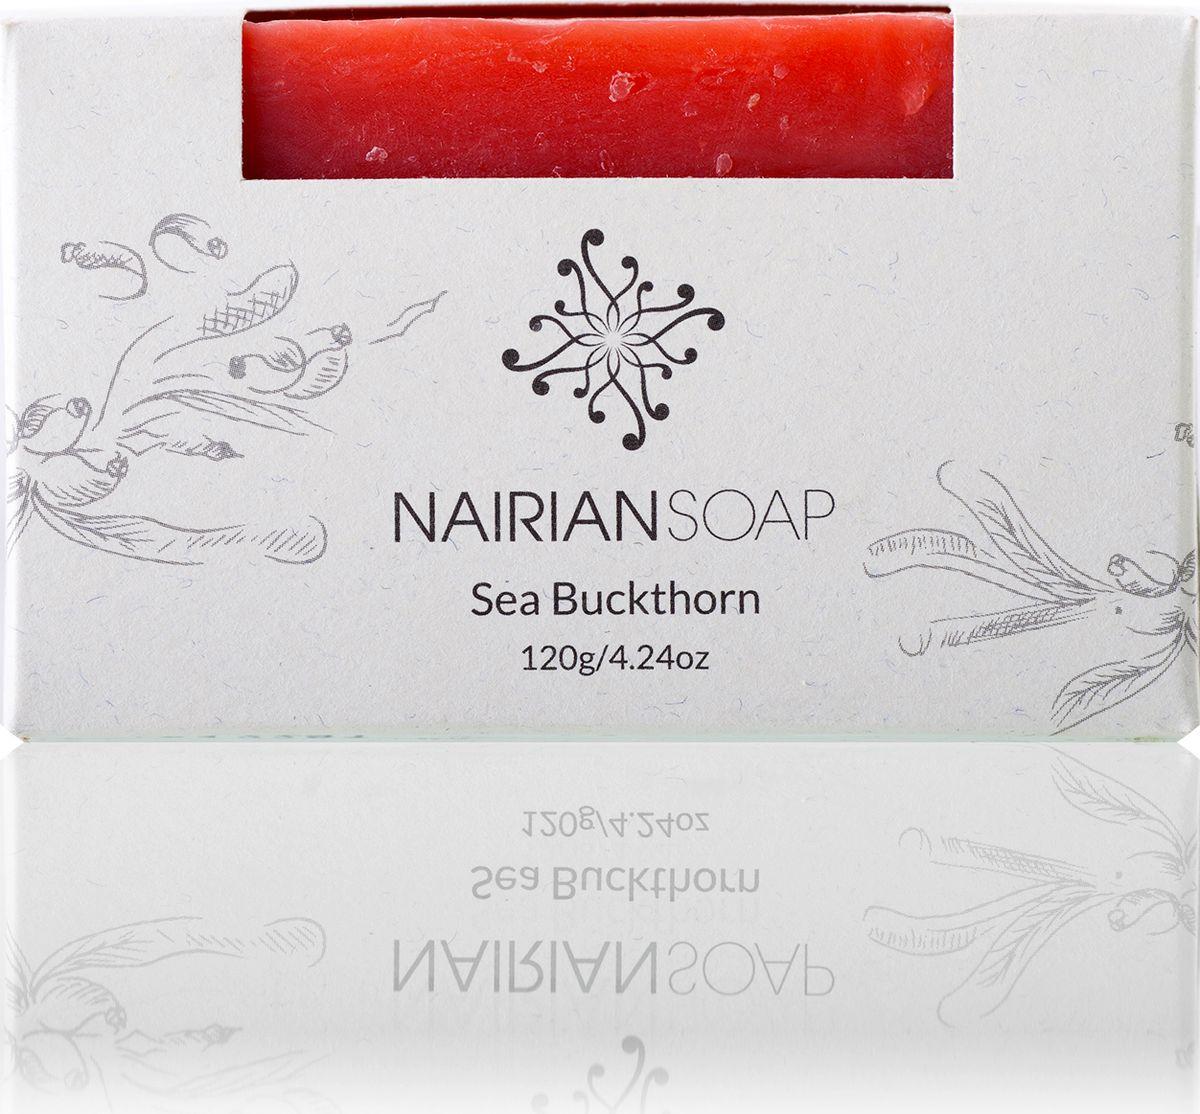 Nairian Мыло, облепиха, 120 г32466Содержит 100% чистого облепихового масла, полученного в процессе экстракции. А оно, как известно, восстанавливает кожные клетки и помогает заживлять ожоги (в том числе солнечные), порезы, ранки, лечить высыпания. Кроме того, в состав мыла входит ментол, обладающий охлаждающими и аналгезирующими свойствами, а также успокаивающий уставшие и болящие мышцы. Благодаря восстанавливающим способностям облепихи и охлаждающему, обезболивающему ментолу это мыло подходит для всего тела (кроме интимных участков и области вокруг глаз) и даже может служить в качестве пены для бритья.